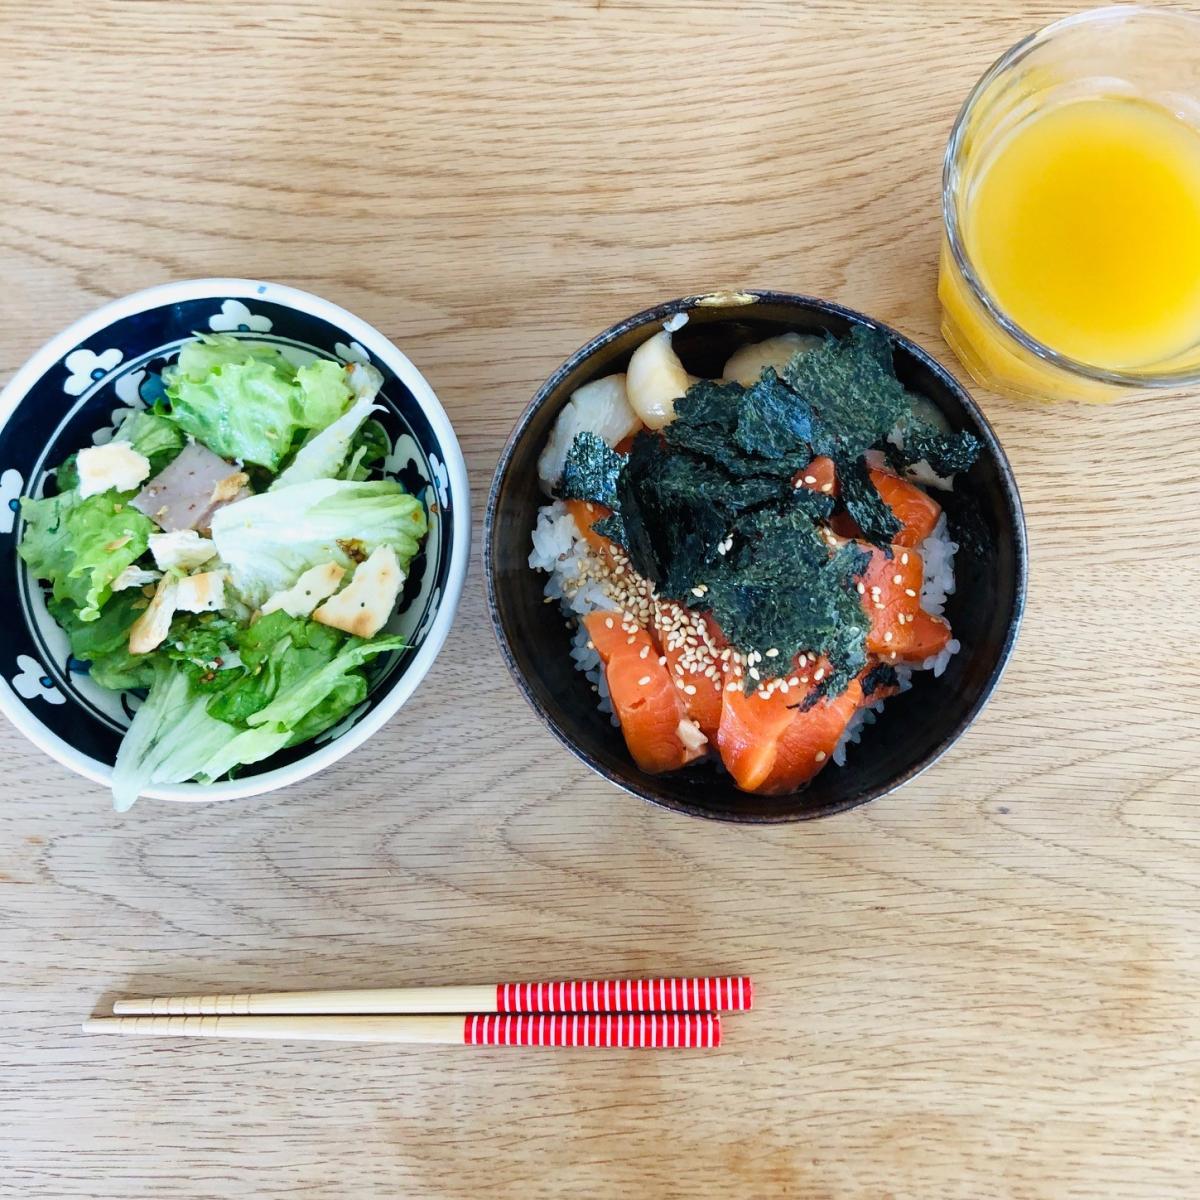 子供の作ったある日の昼食。サーモン漬け丼は「子どもキッチン」からマグロ丼のレシピをアレンジ。米を炊き、刺身を切り、海苔をちぎるなど。サラダもレタスをちぎってハムを切りました。